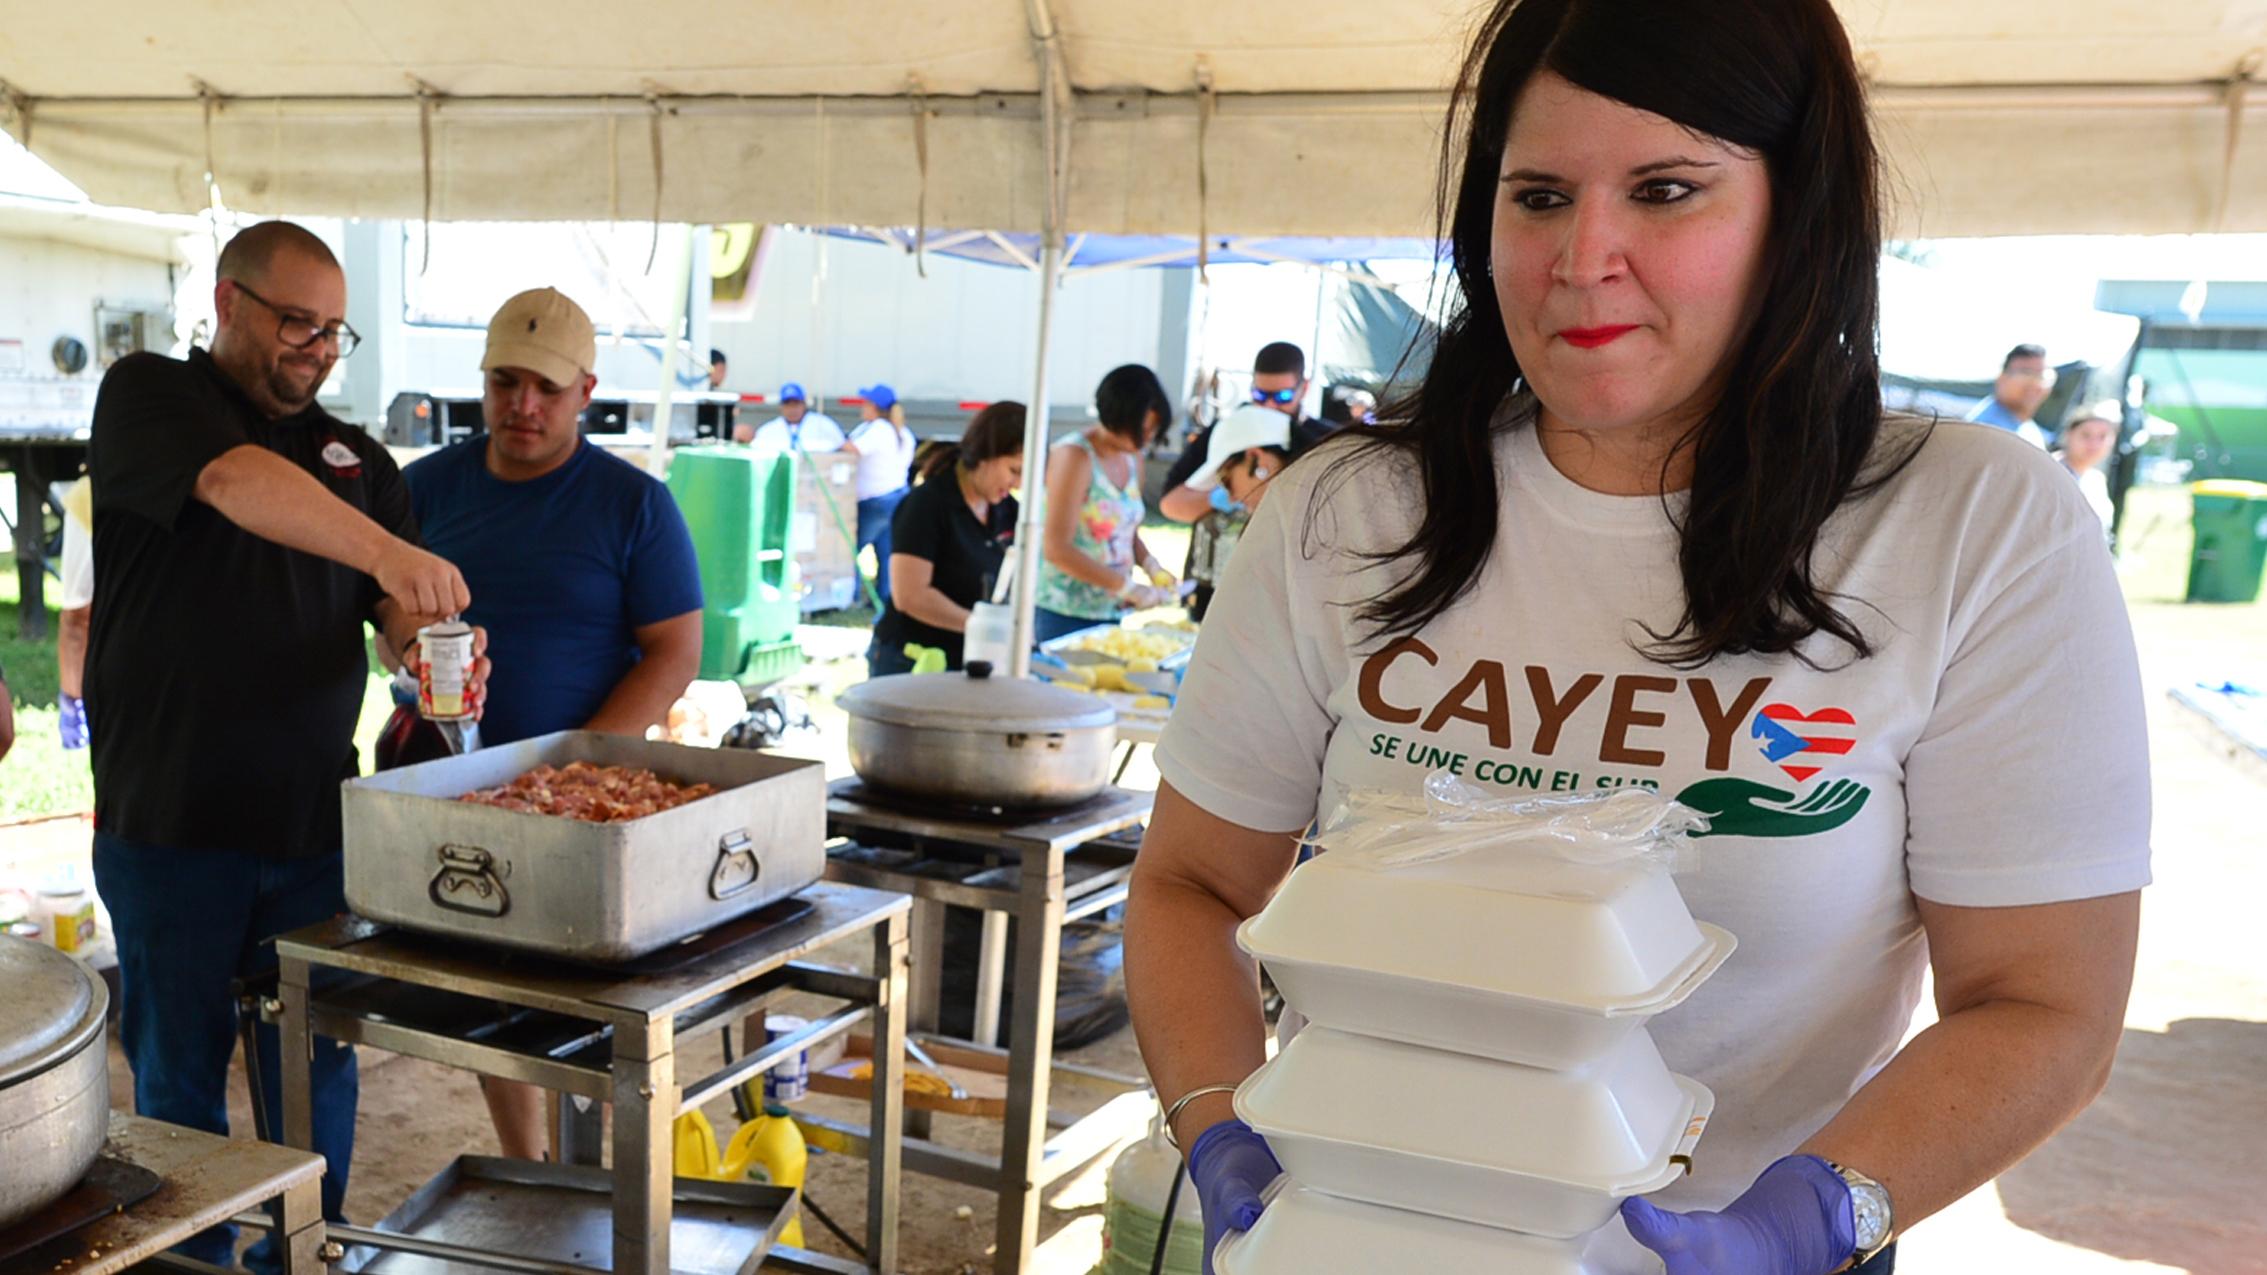 La gente de Cayey da la mano a Guayanilla